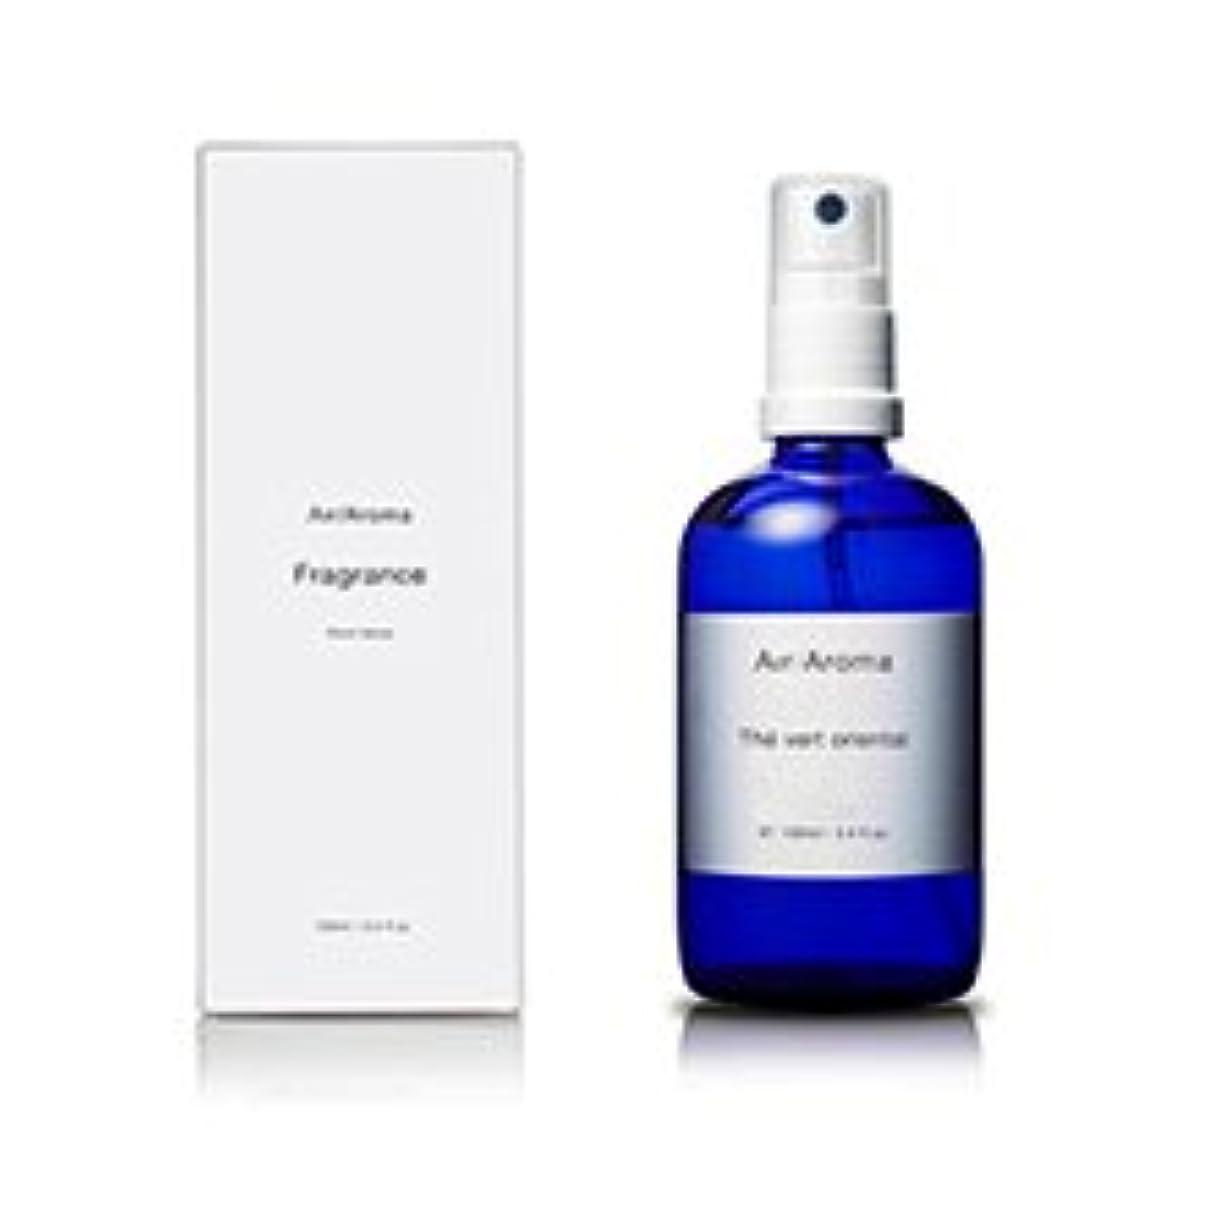 メッセンジャー生きる合計エアアロマ the vert oriental room fragrance(テヴェールオリエンタル ルームフレグランス) 100ml